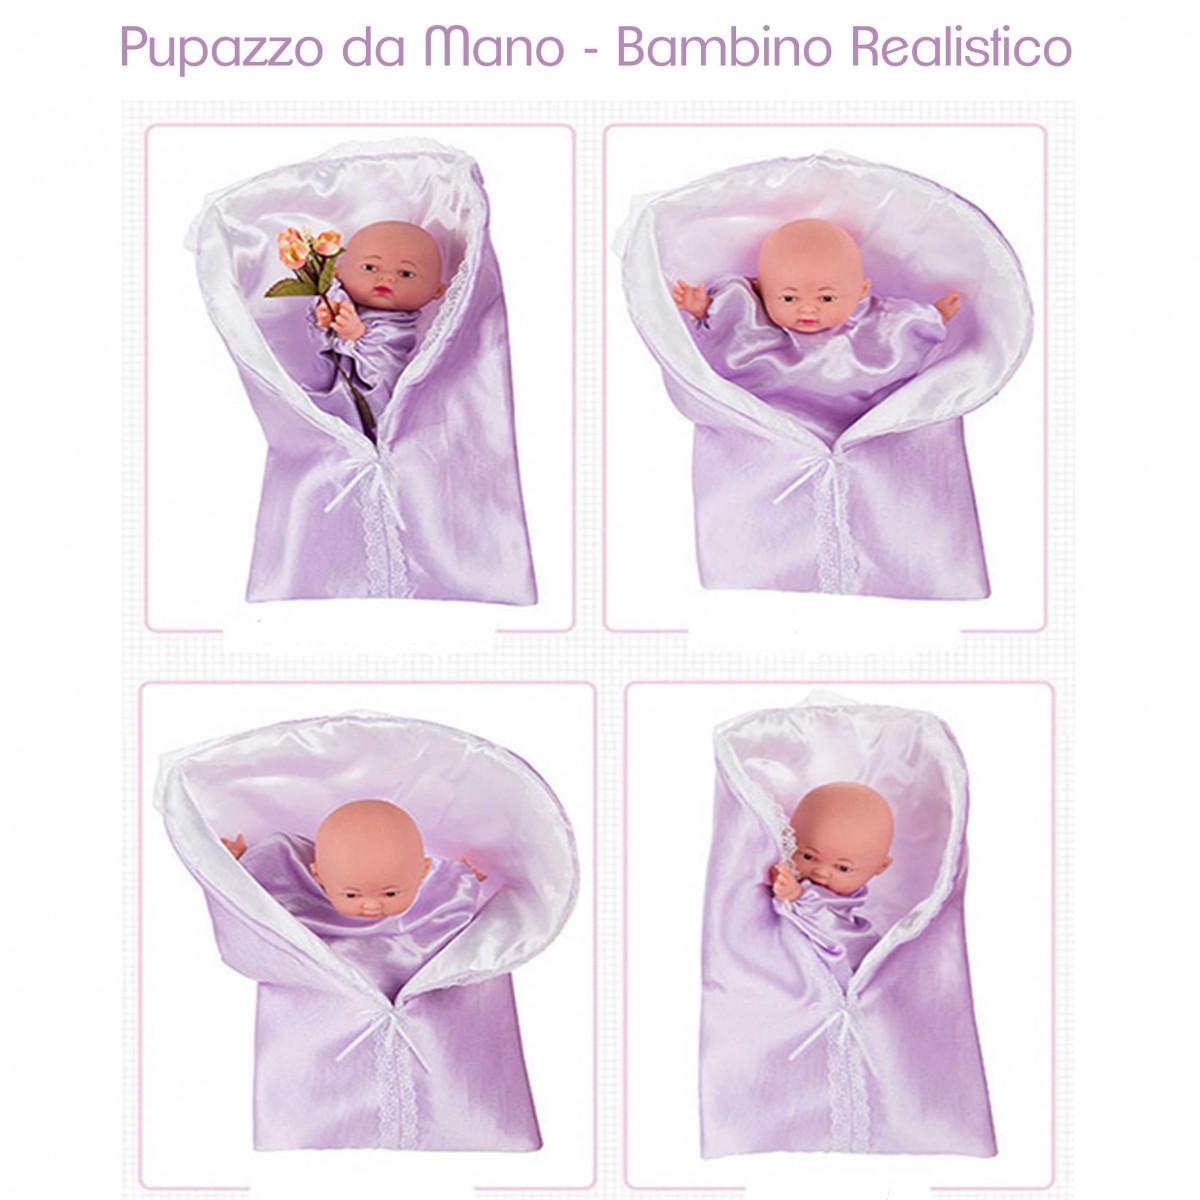 Pupazzo da mano bambino realistico